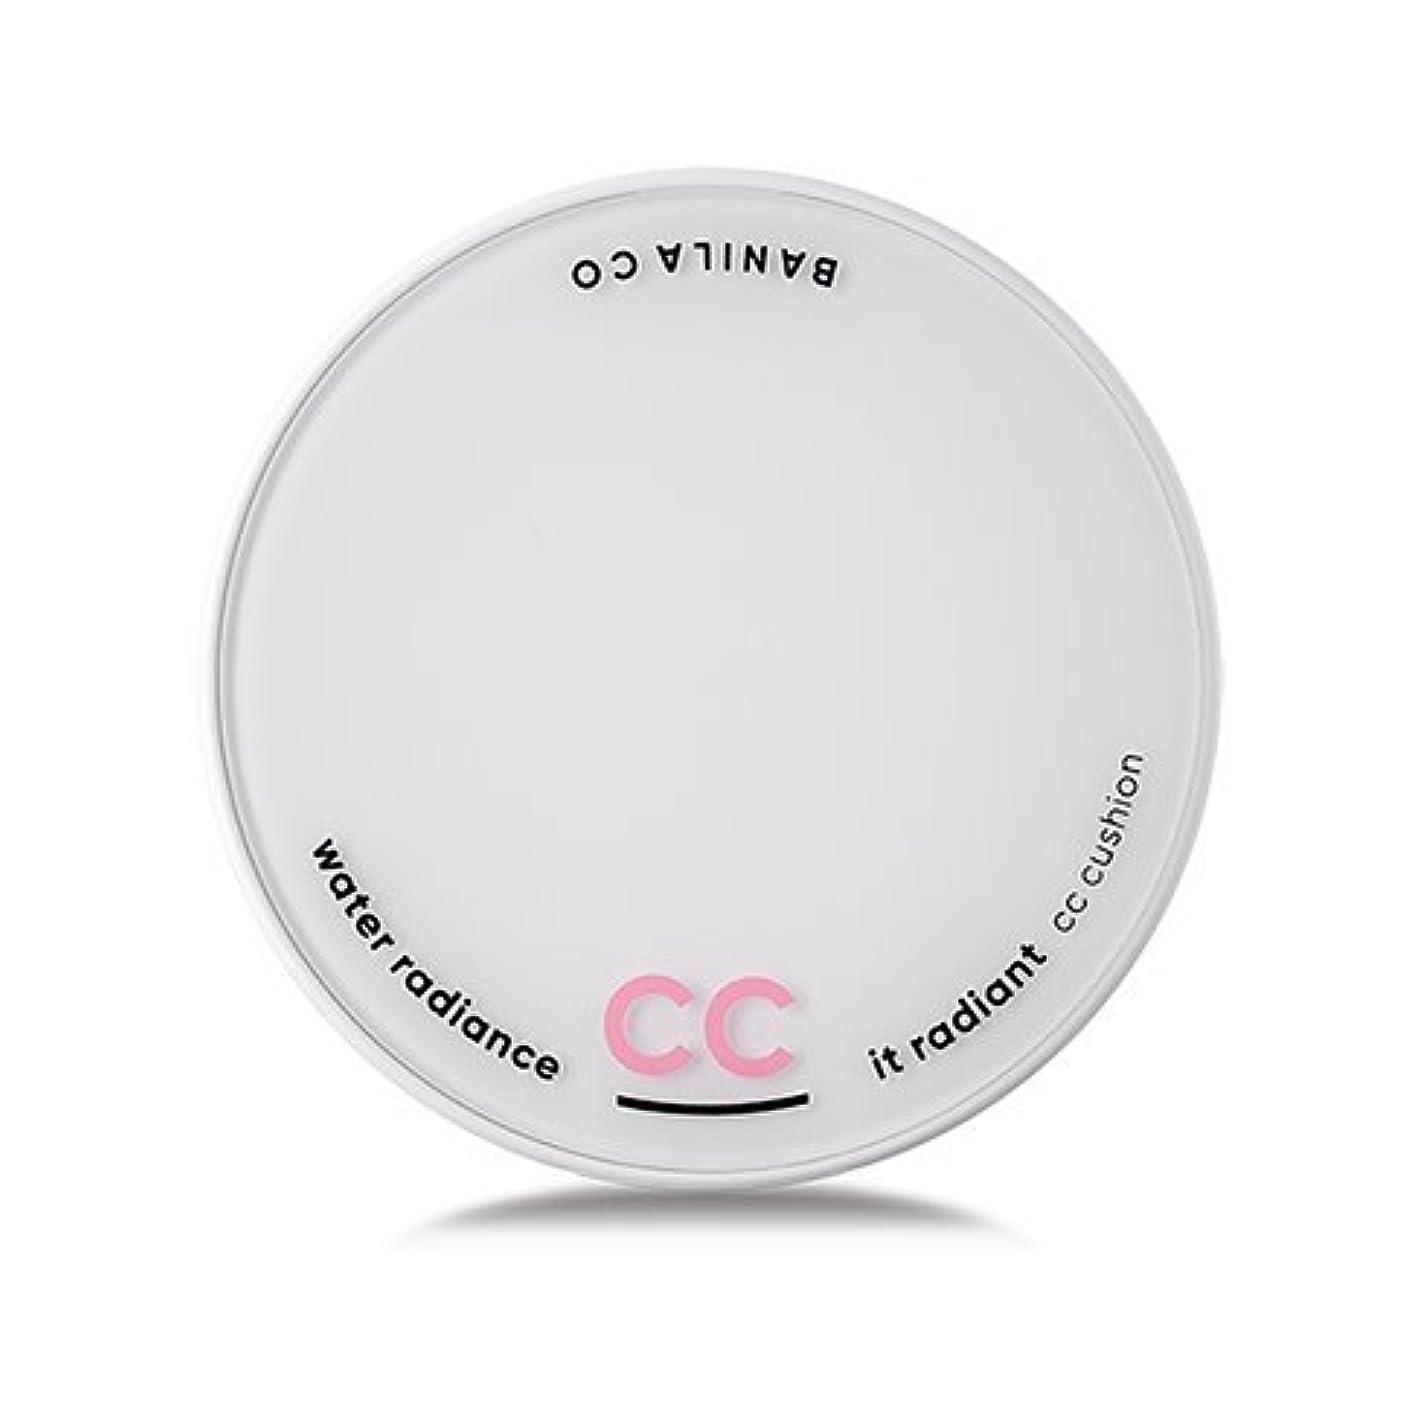 恩恵走る無限大[Renewal] BANILA CO It Radiant CC Cushion 15g + Refill 15g/バニラコ イット ラディアント CC クッション 15g + リフィル 15g (#Light Beige...